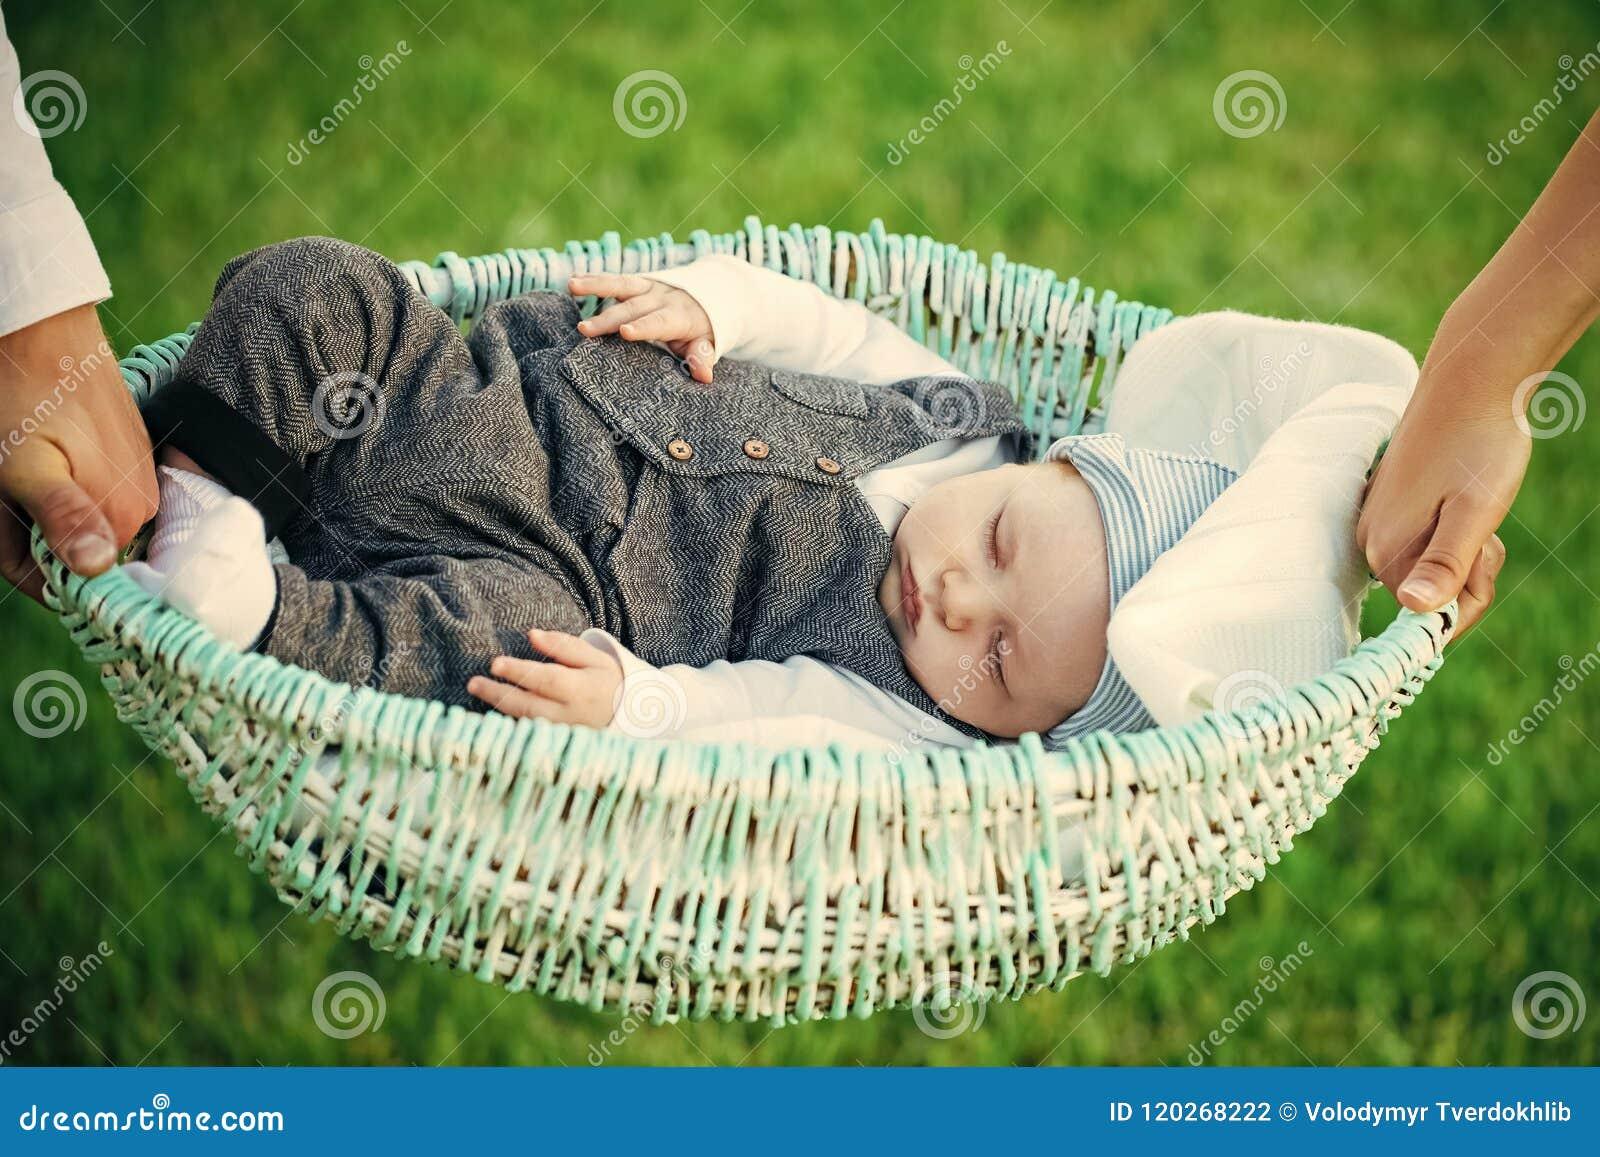 Getrennt auf weißem Hintergrund Babyschlaf in der Krippe gehalten in den Händen